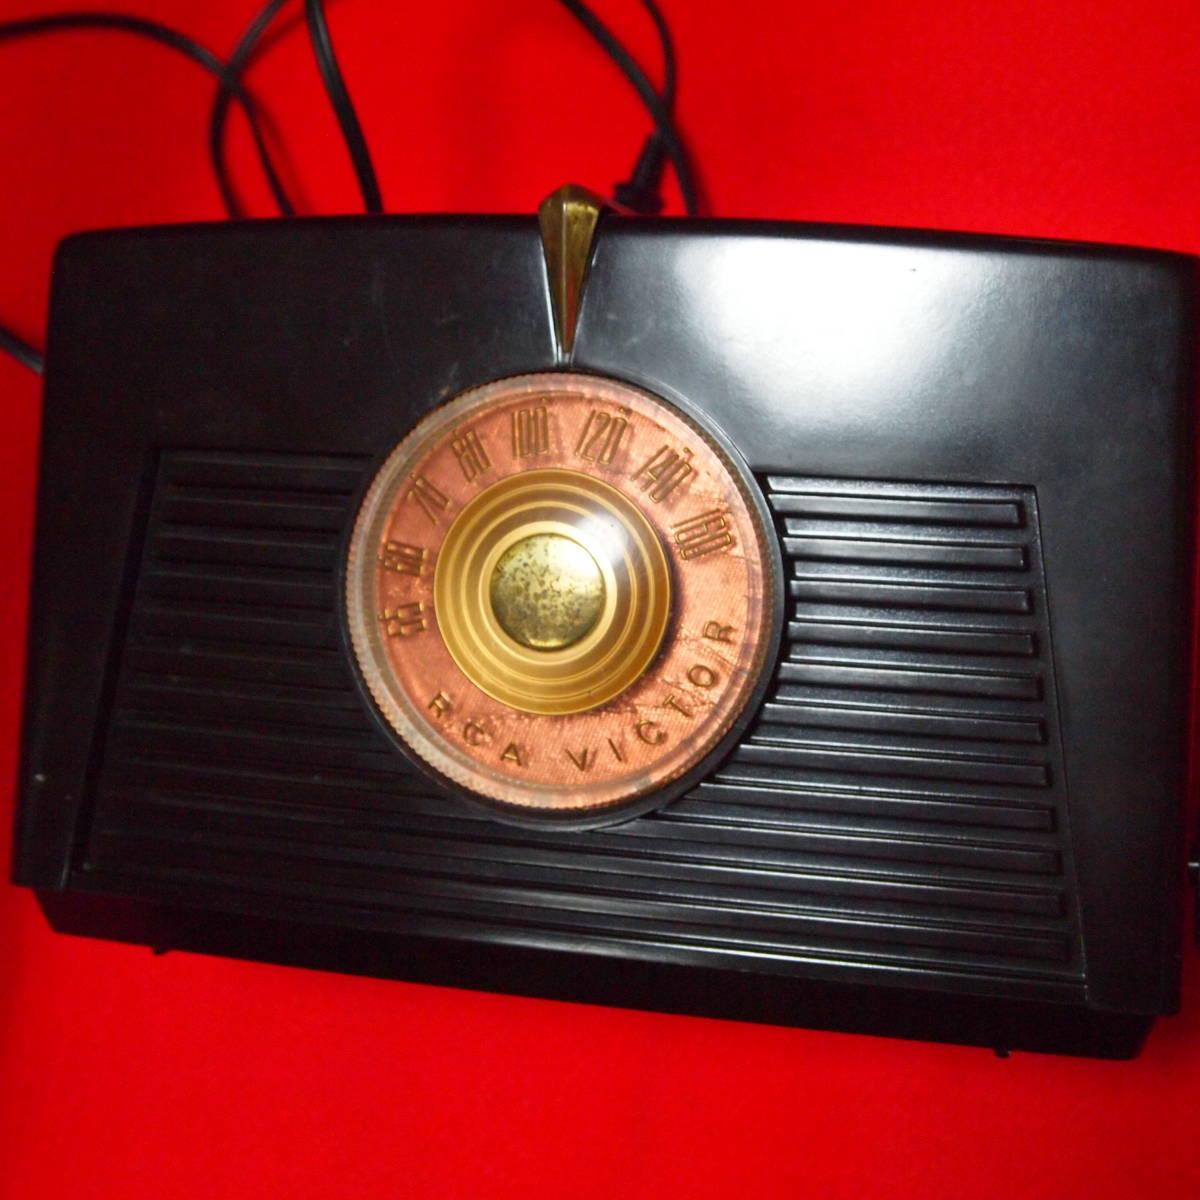 可愛い真空管ラジオ、RCAビクター、モデル8X541